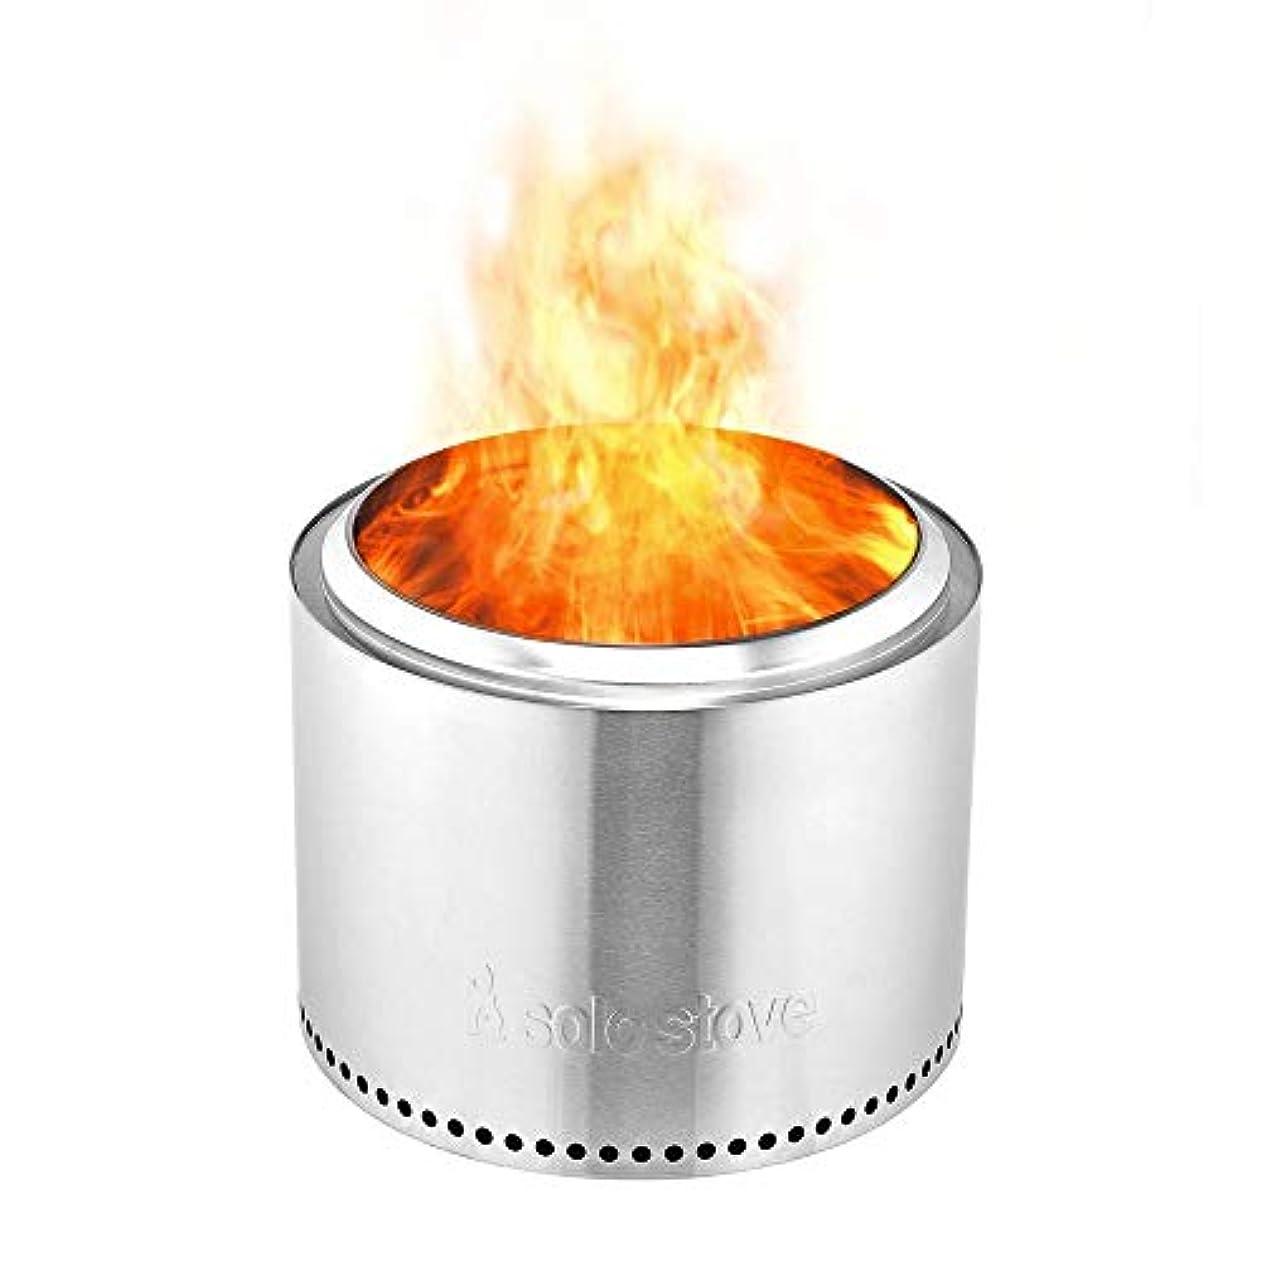 アイザック可動式便利solo stove ソロストーブ ボンファイヤー キャンプ 焚き火台 米国正規品 [並行輸入品]